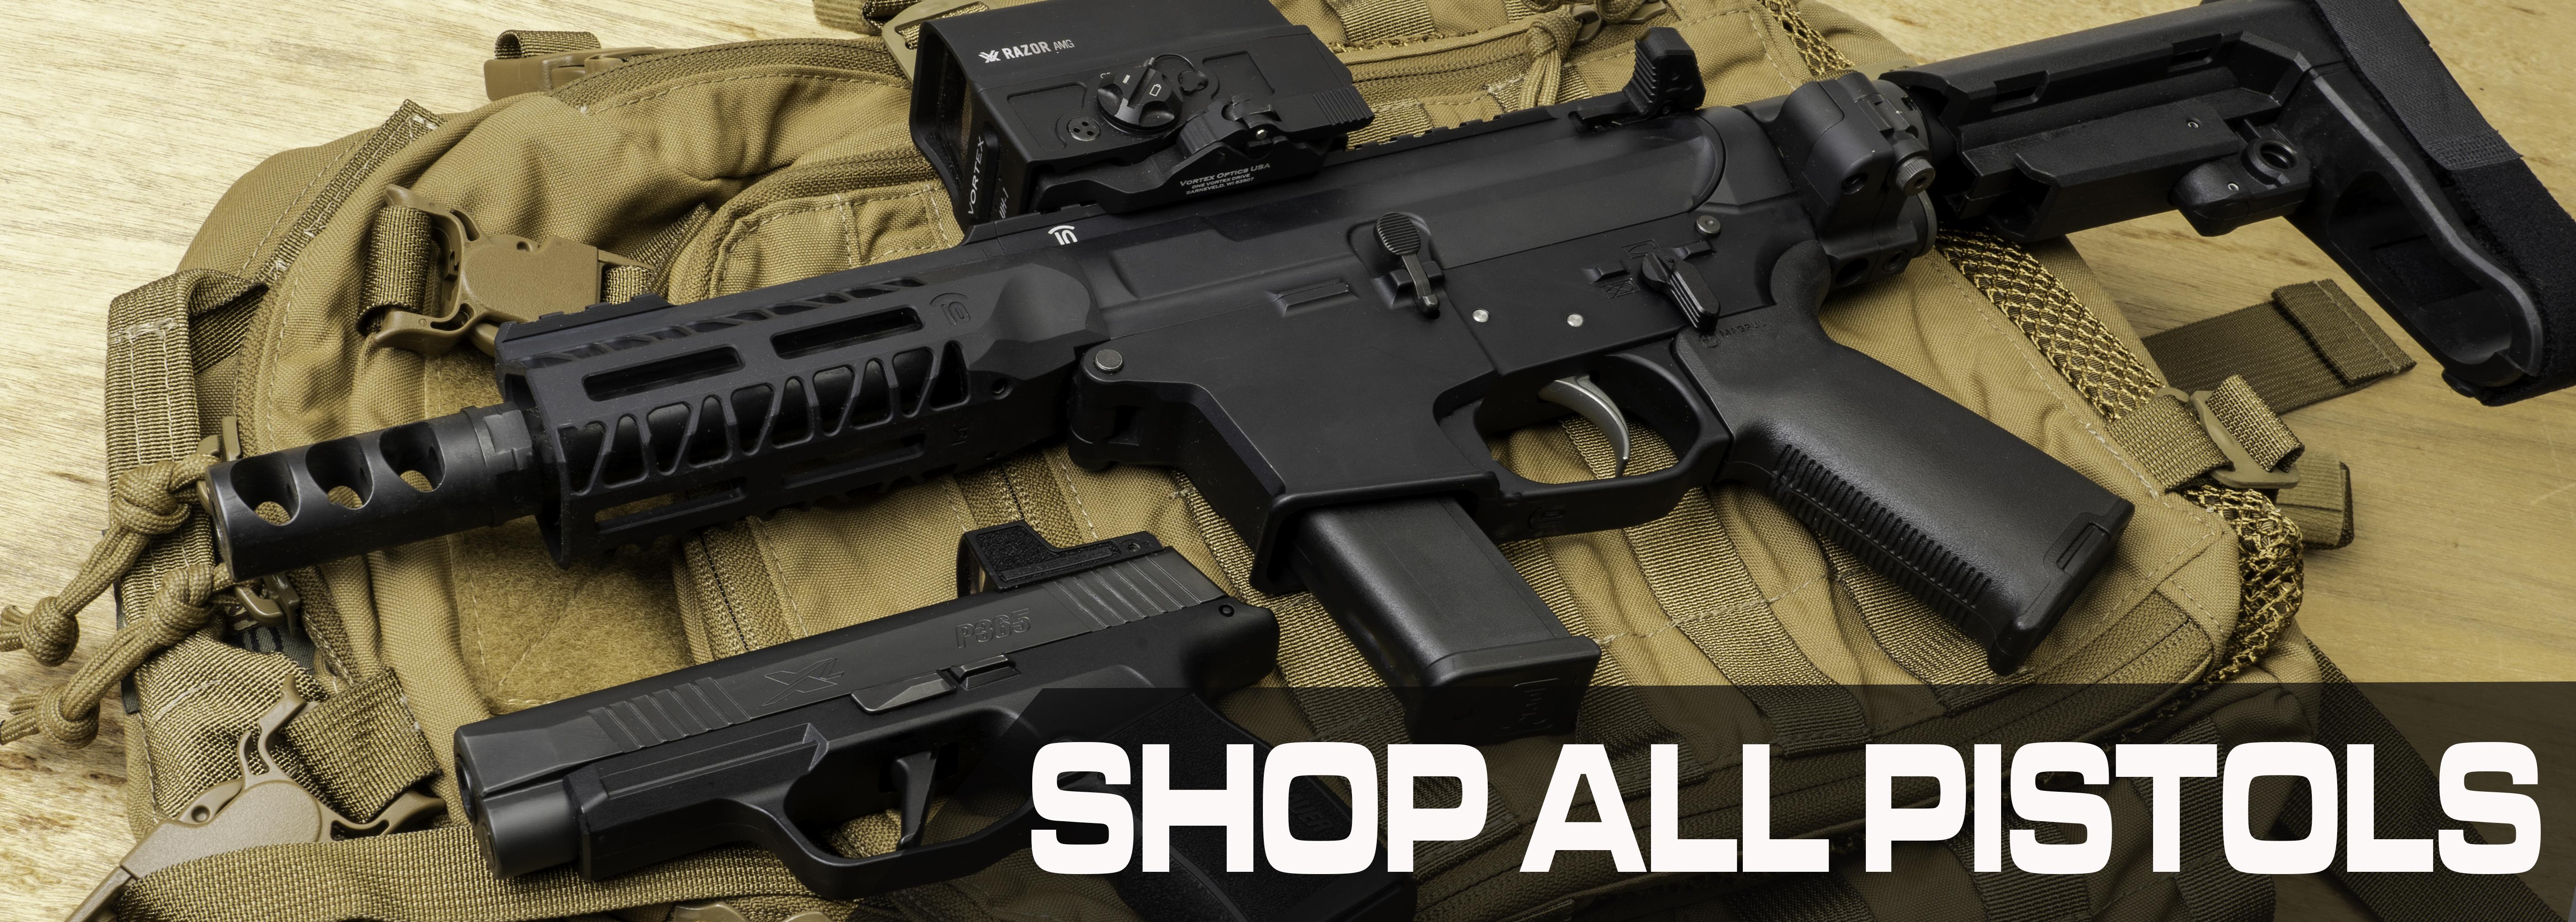 All Pistols